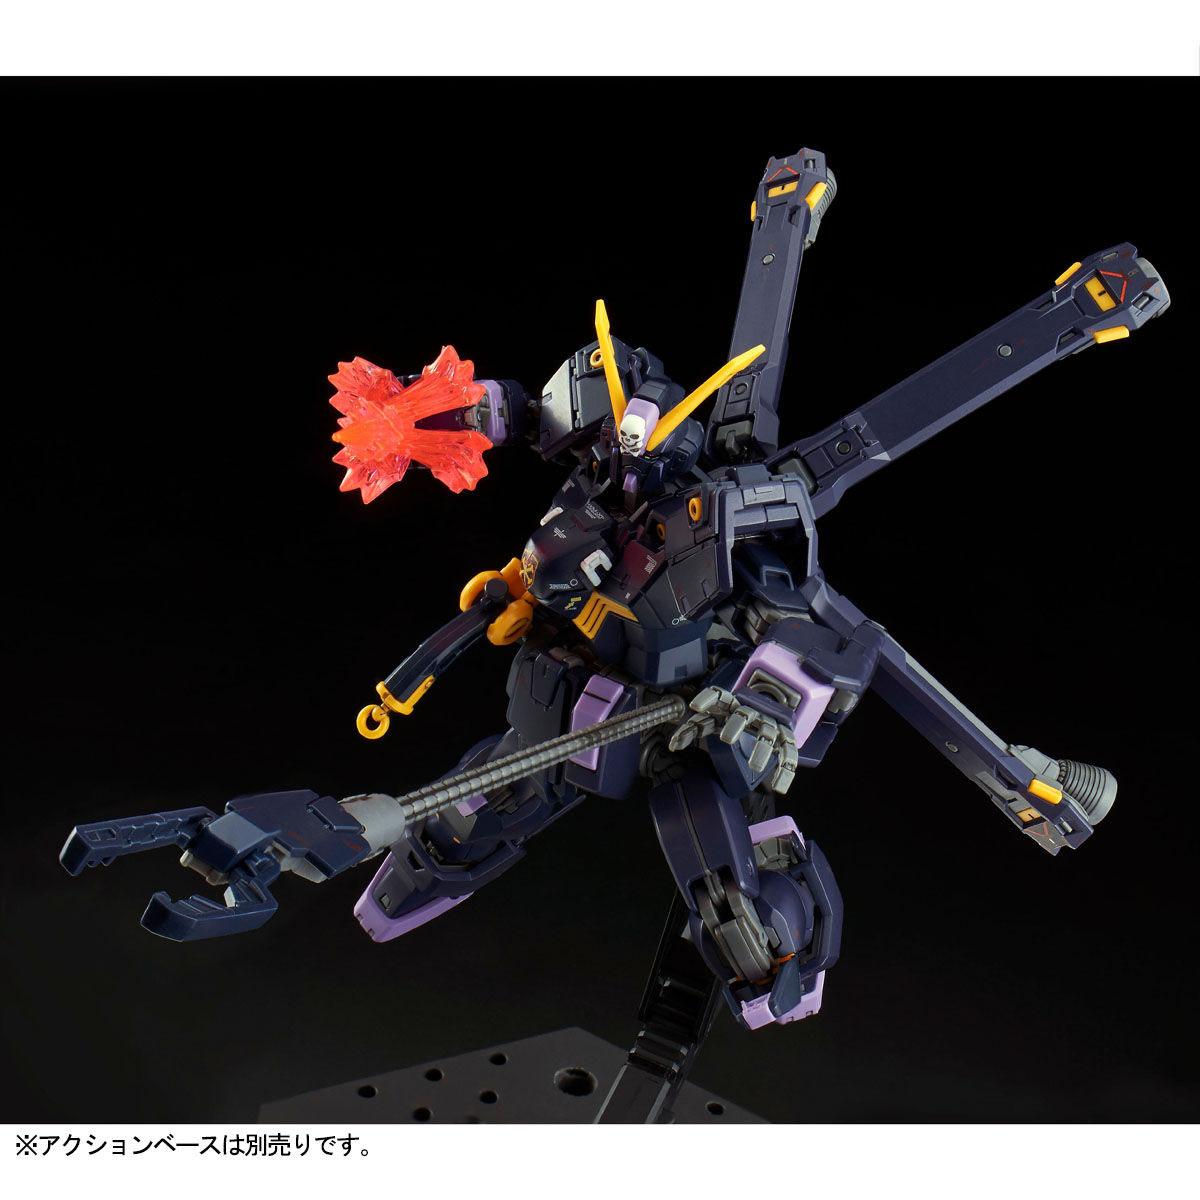 【限定販売】RG 1/144『クロスボーン・ガンダムX2』プラモデル-007